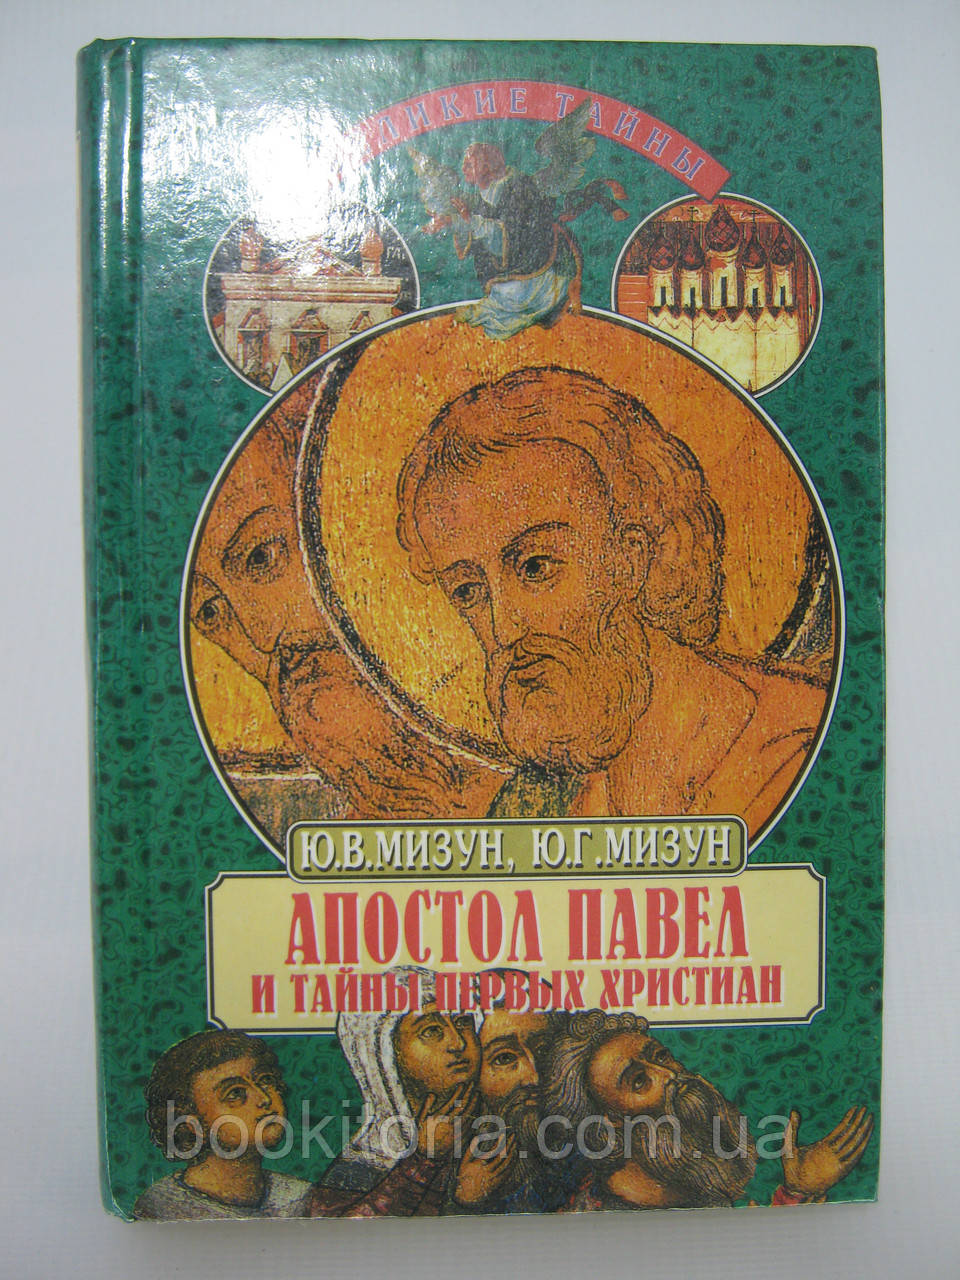 Мизун Ю.В., Мизун Ю.Г. Апостол Павел и тайны первых христиан (б/у).